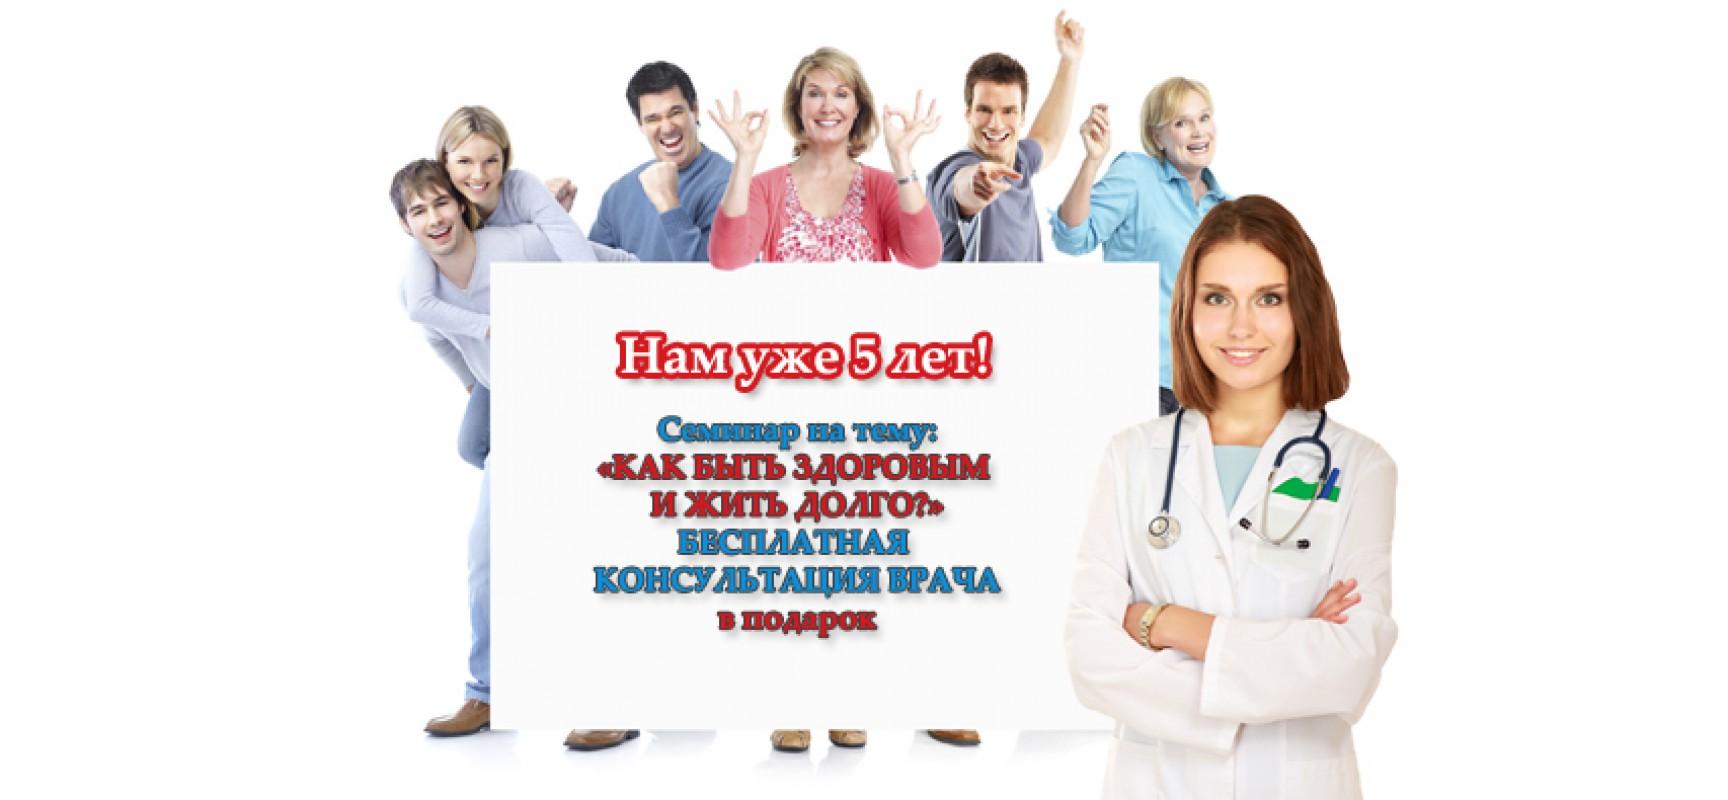 От Центра терапии боли, семинар и консультации врачей — бесплатно